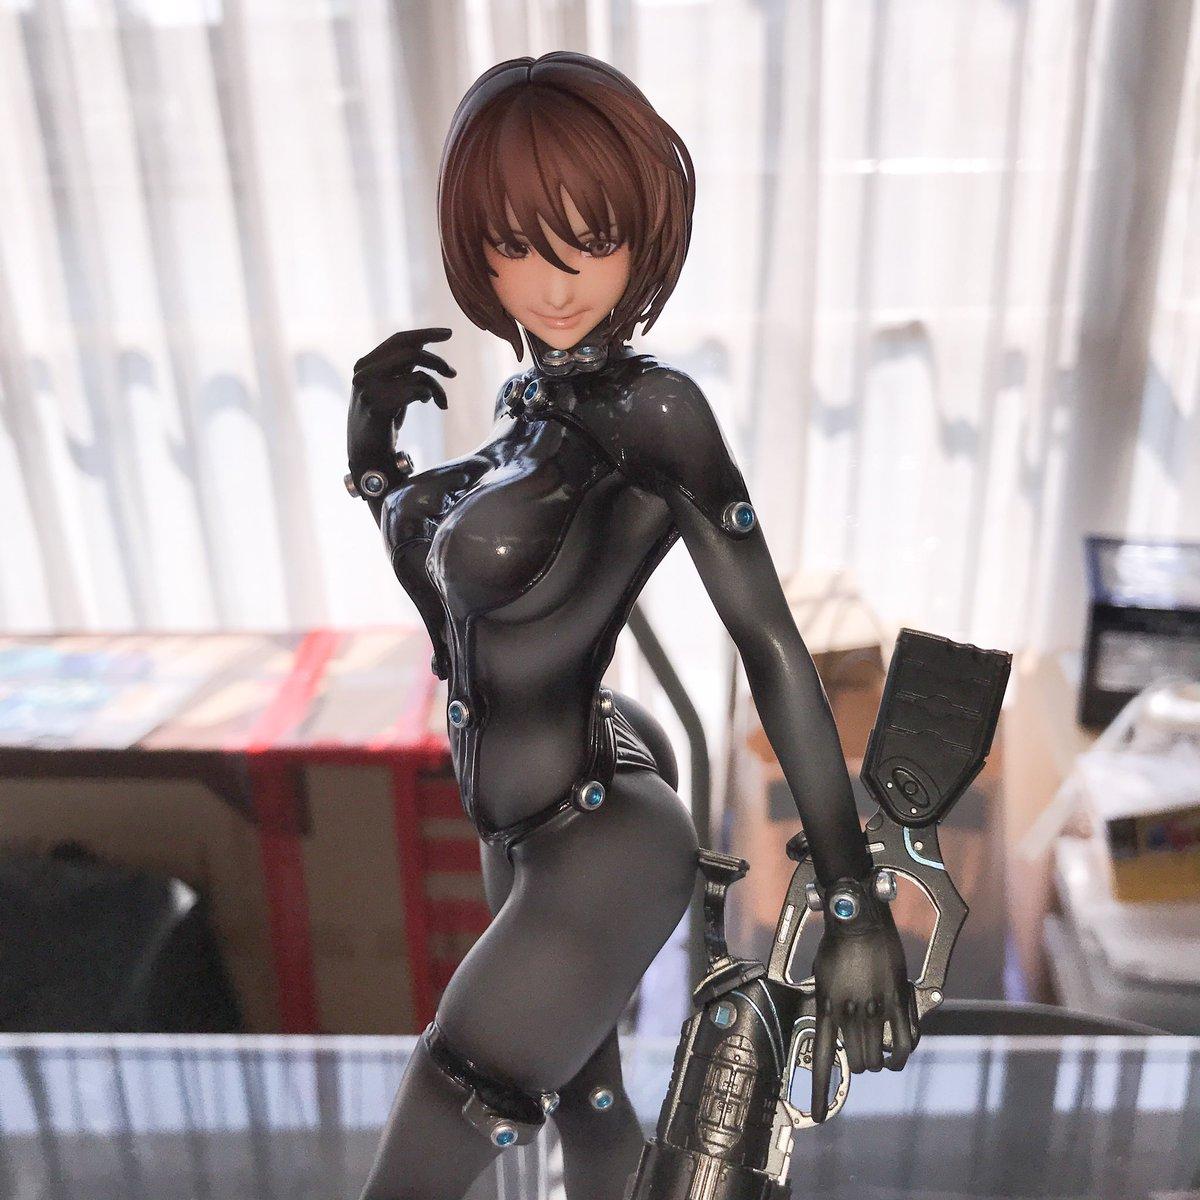 รวมภาพฟิกเกอร์สเกลจากงาน Miyazawa Model Exhibition Spring 2018